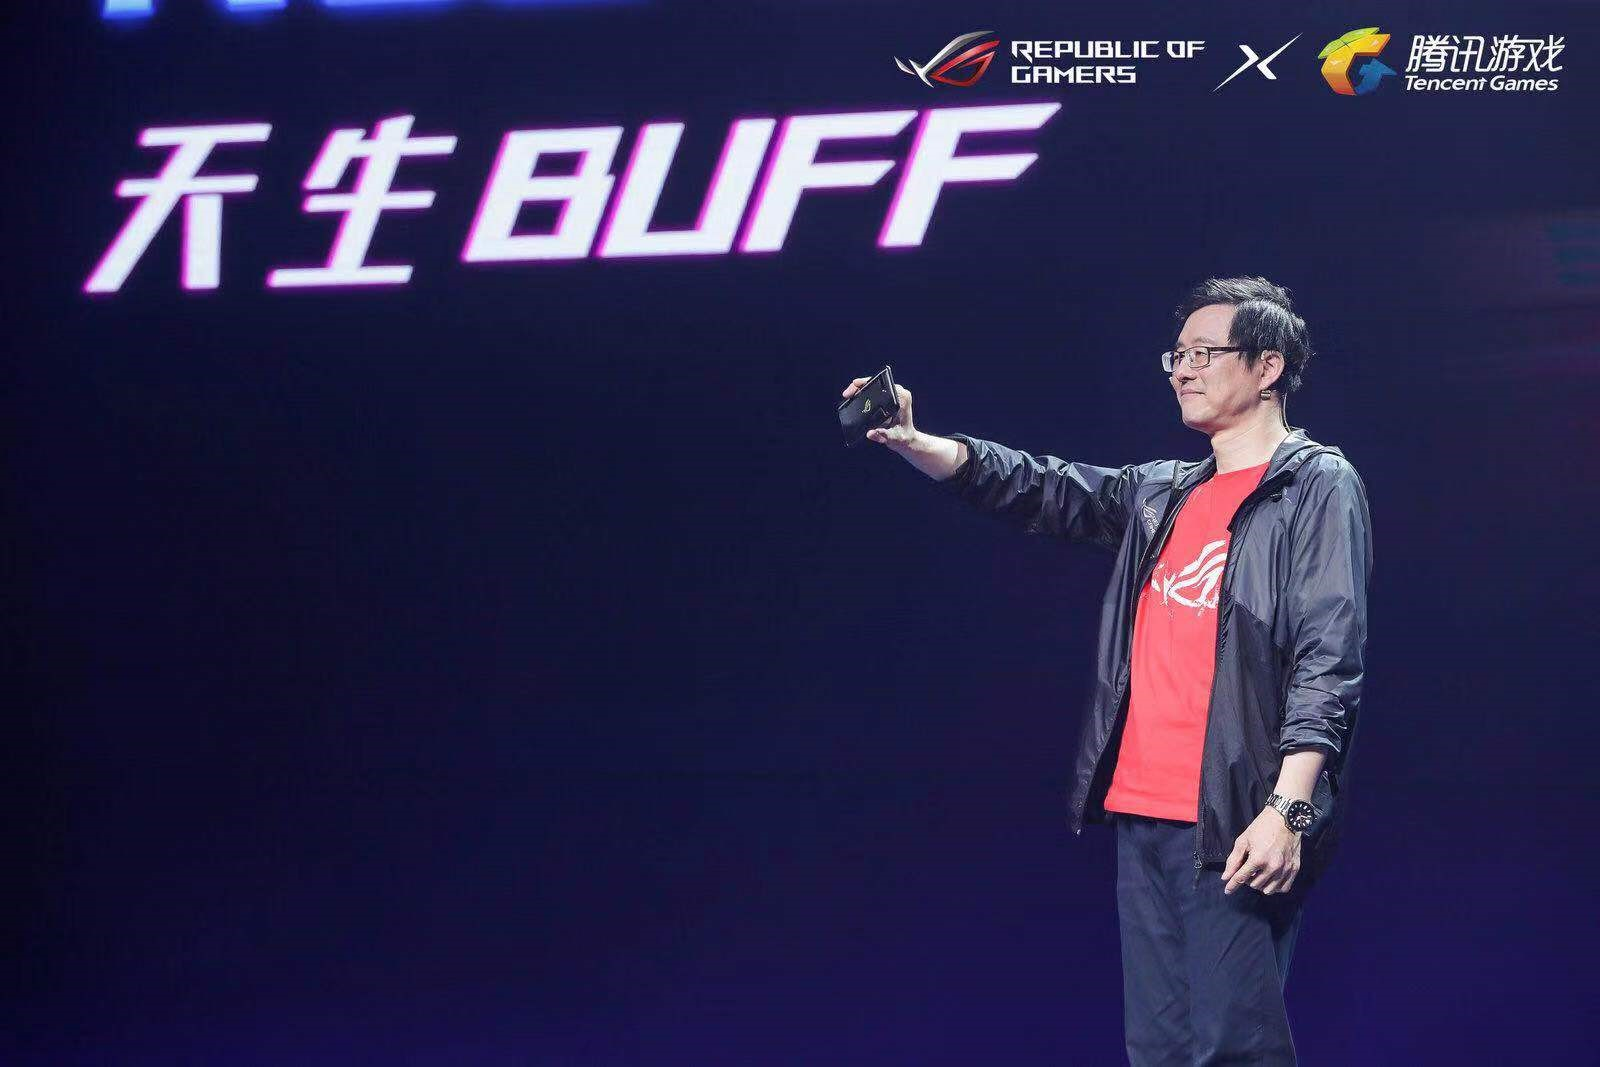 """游戏综合资讯-免费yoqq""""天生BUFF""""强势登场,ROG游戏手机2正式发布yoqq资源(2)"""